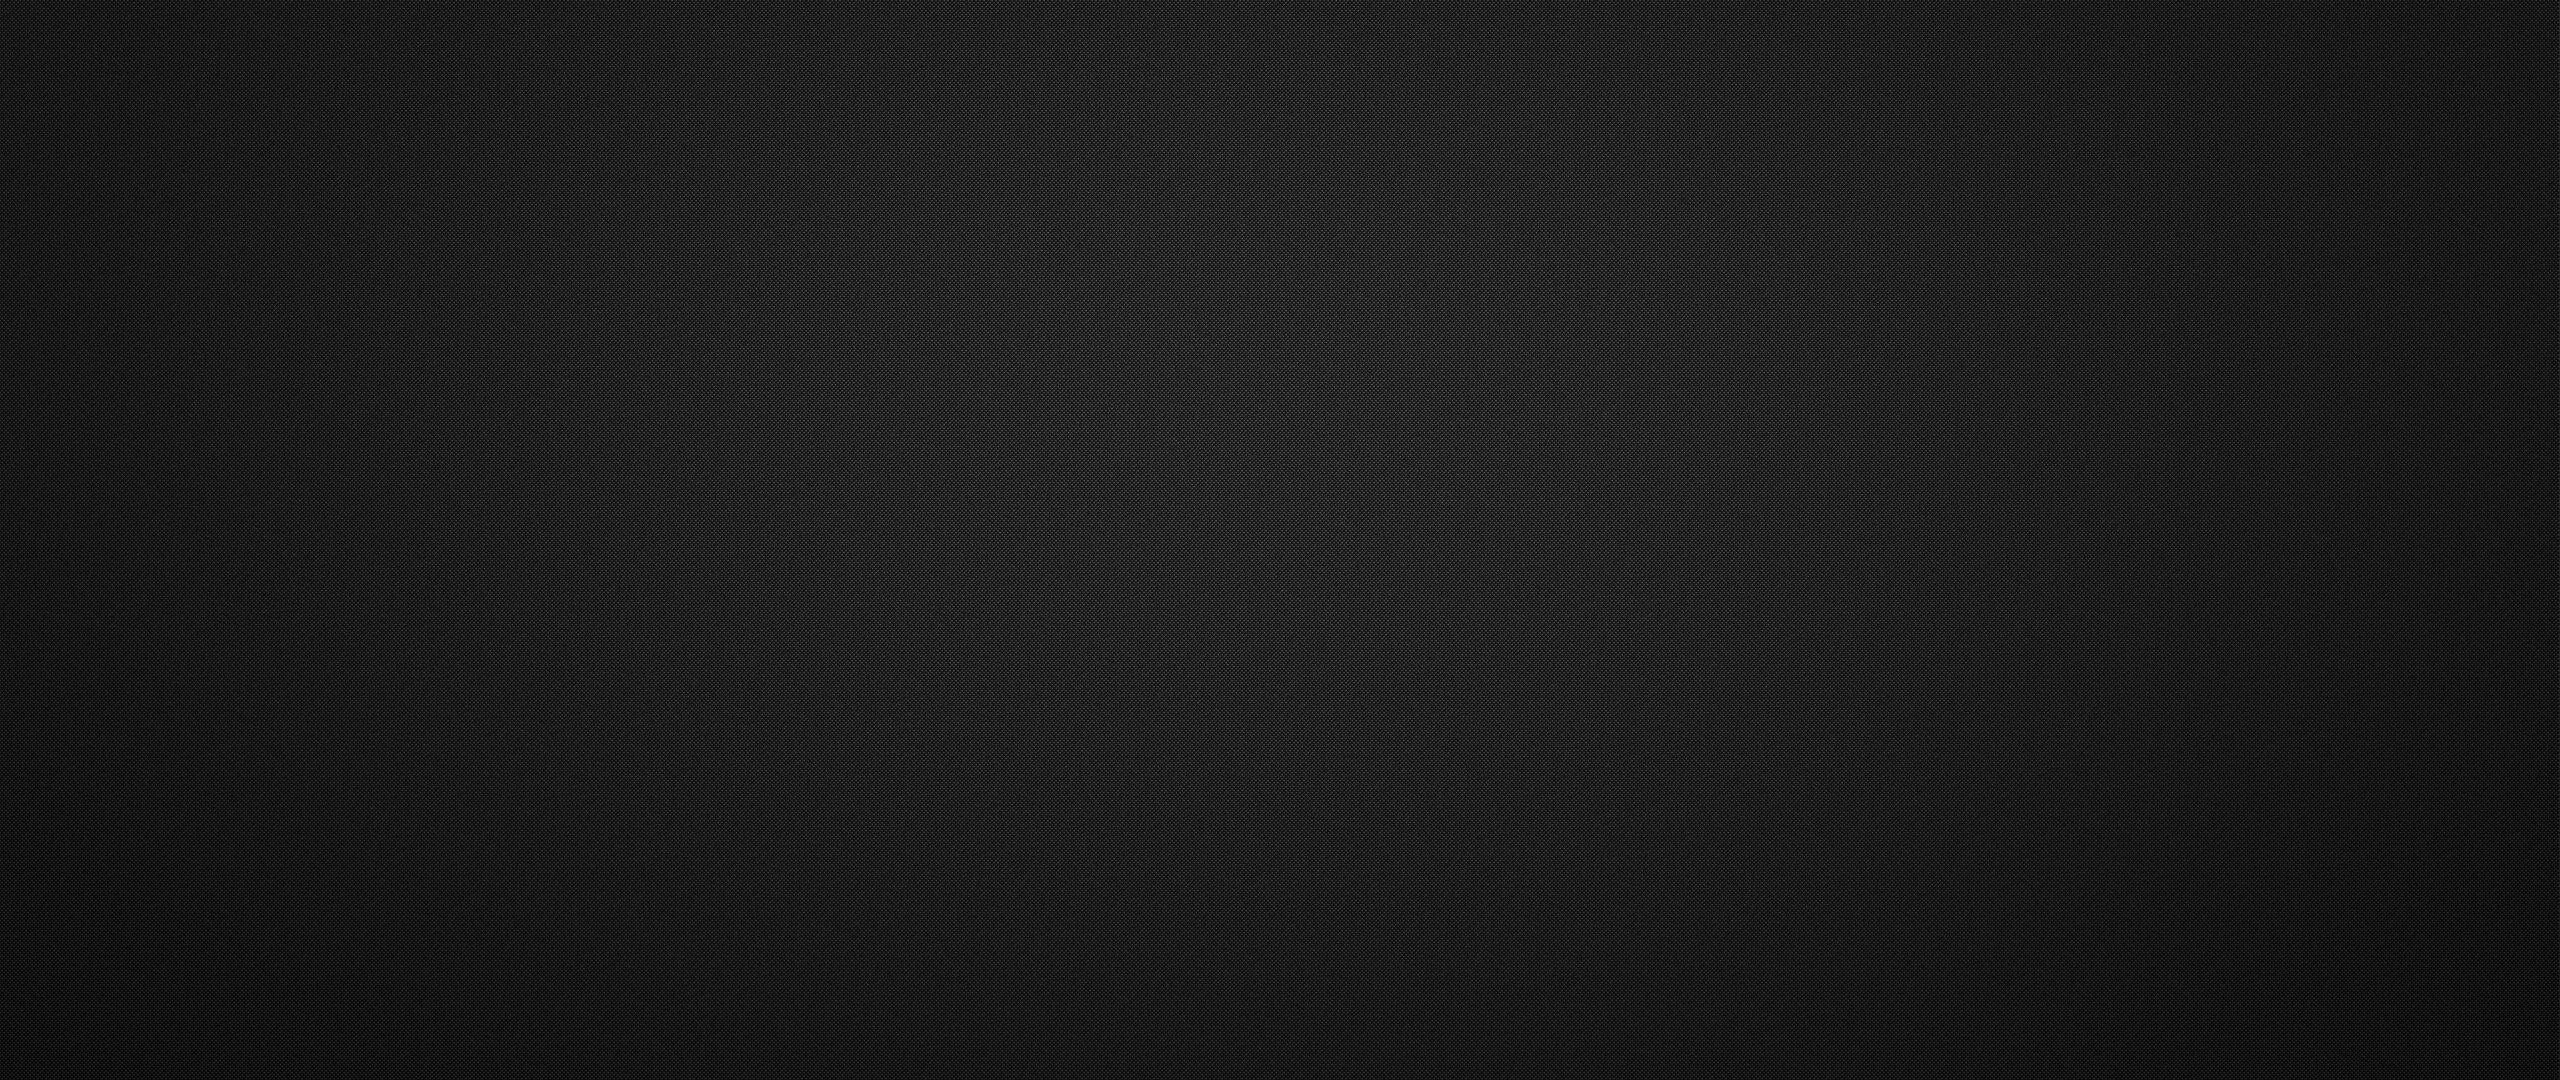 2560x1080 Tải xuống hình nền 2560x1080 chủ nghĩa tối giản, kết cấu, màu đen kép rộng